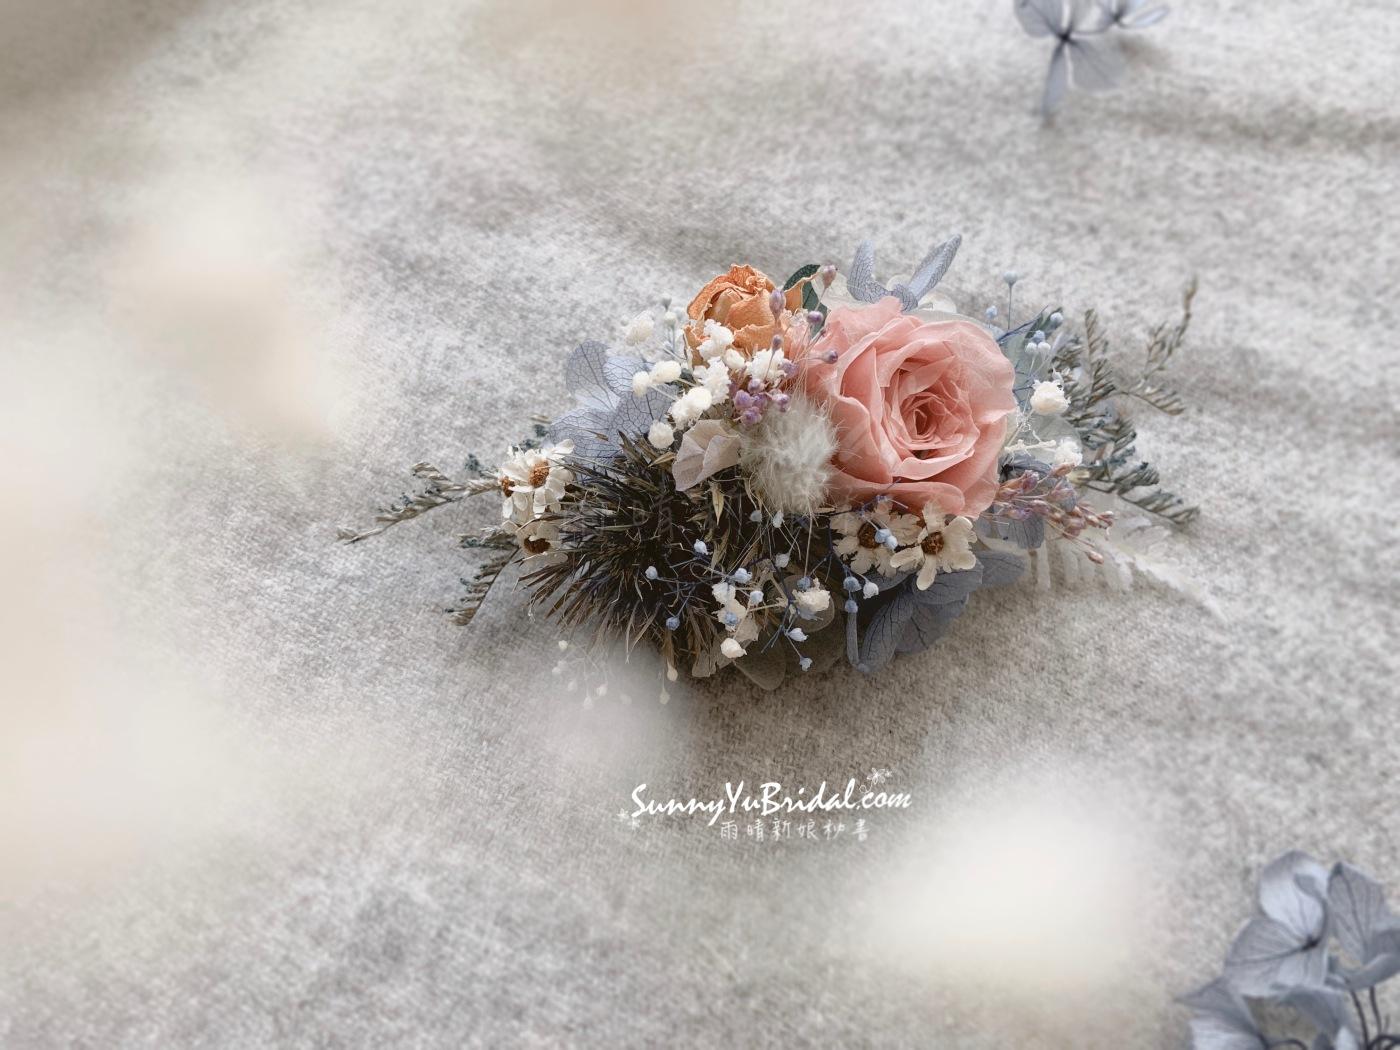 台北新娘秘書|台北內湖南港新秘推薦雨晴|手作新娘飾品|雨晴手作|乾燥不凋花新娘飾品|乾燥花新娘造型|雨晴手作乾燥花飾|煙燻粉玫瑰|不凋花|永生花